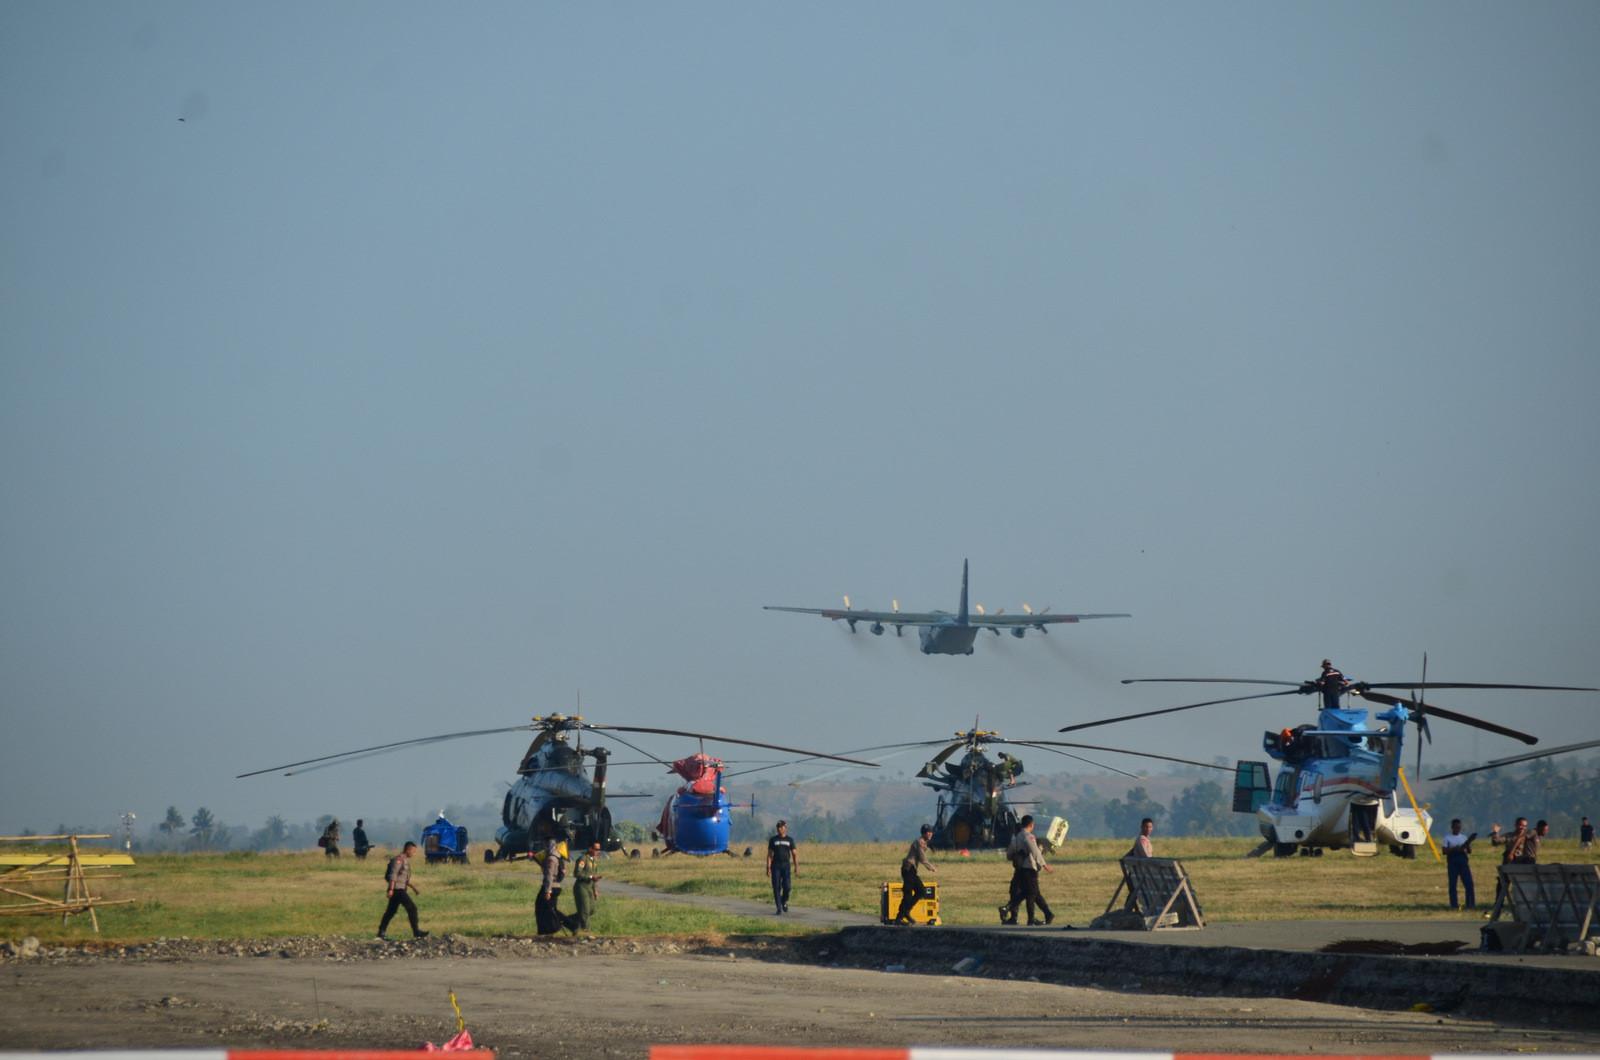 Thảm họa kép Indonesia: Ghi nhận của PV từ đầu cầu cứu trợ hàng không Palu Ảnh 5